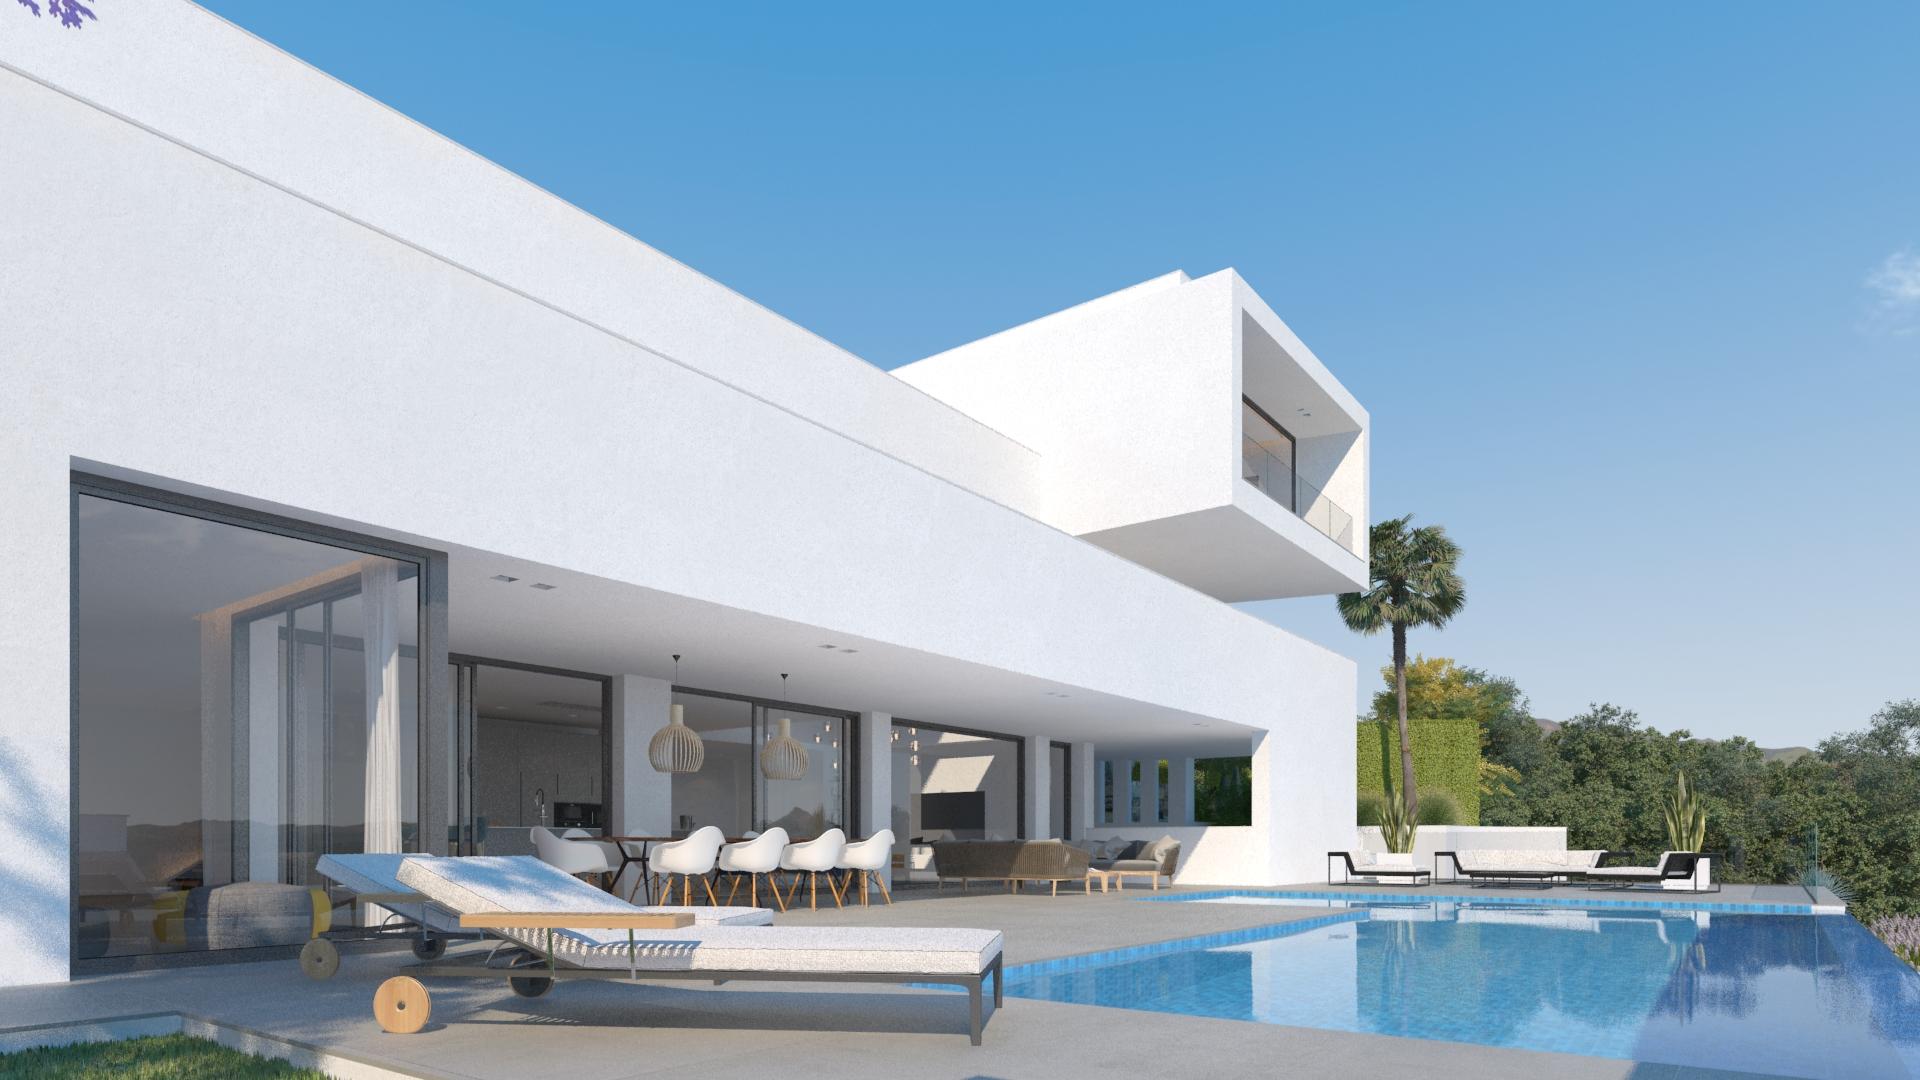 lux alcuzcuz benahavis la reserva moderne nieuwbouw villa te koop zeezicht privacy nieuw design zwembad sensations terras